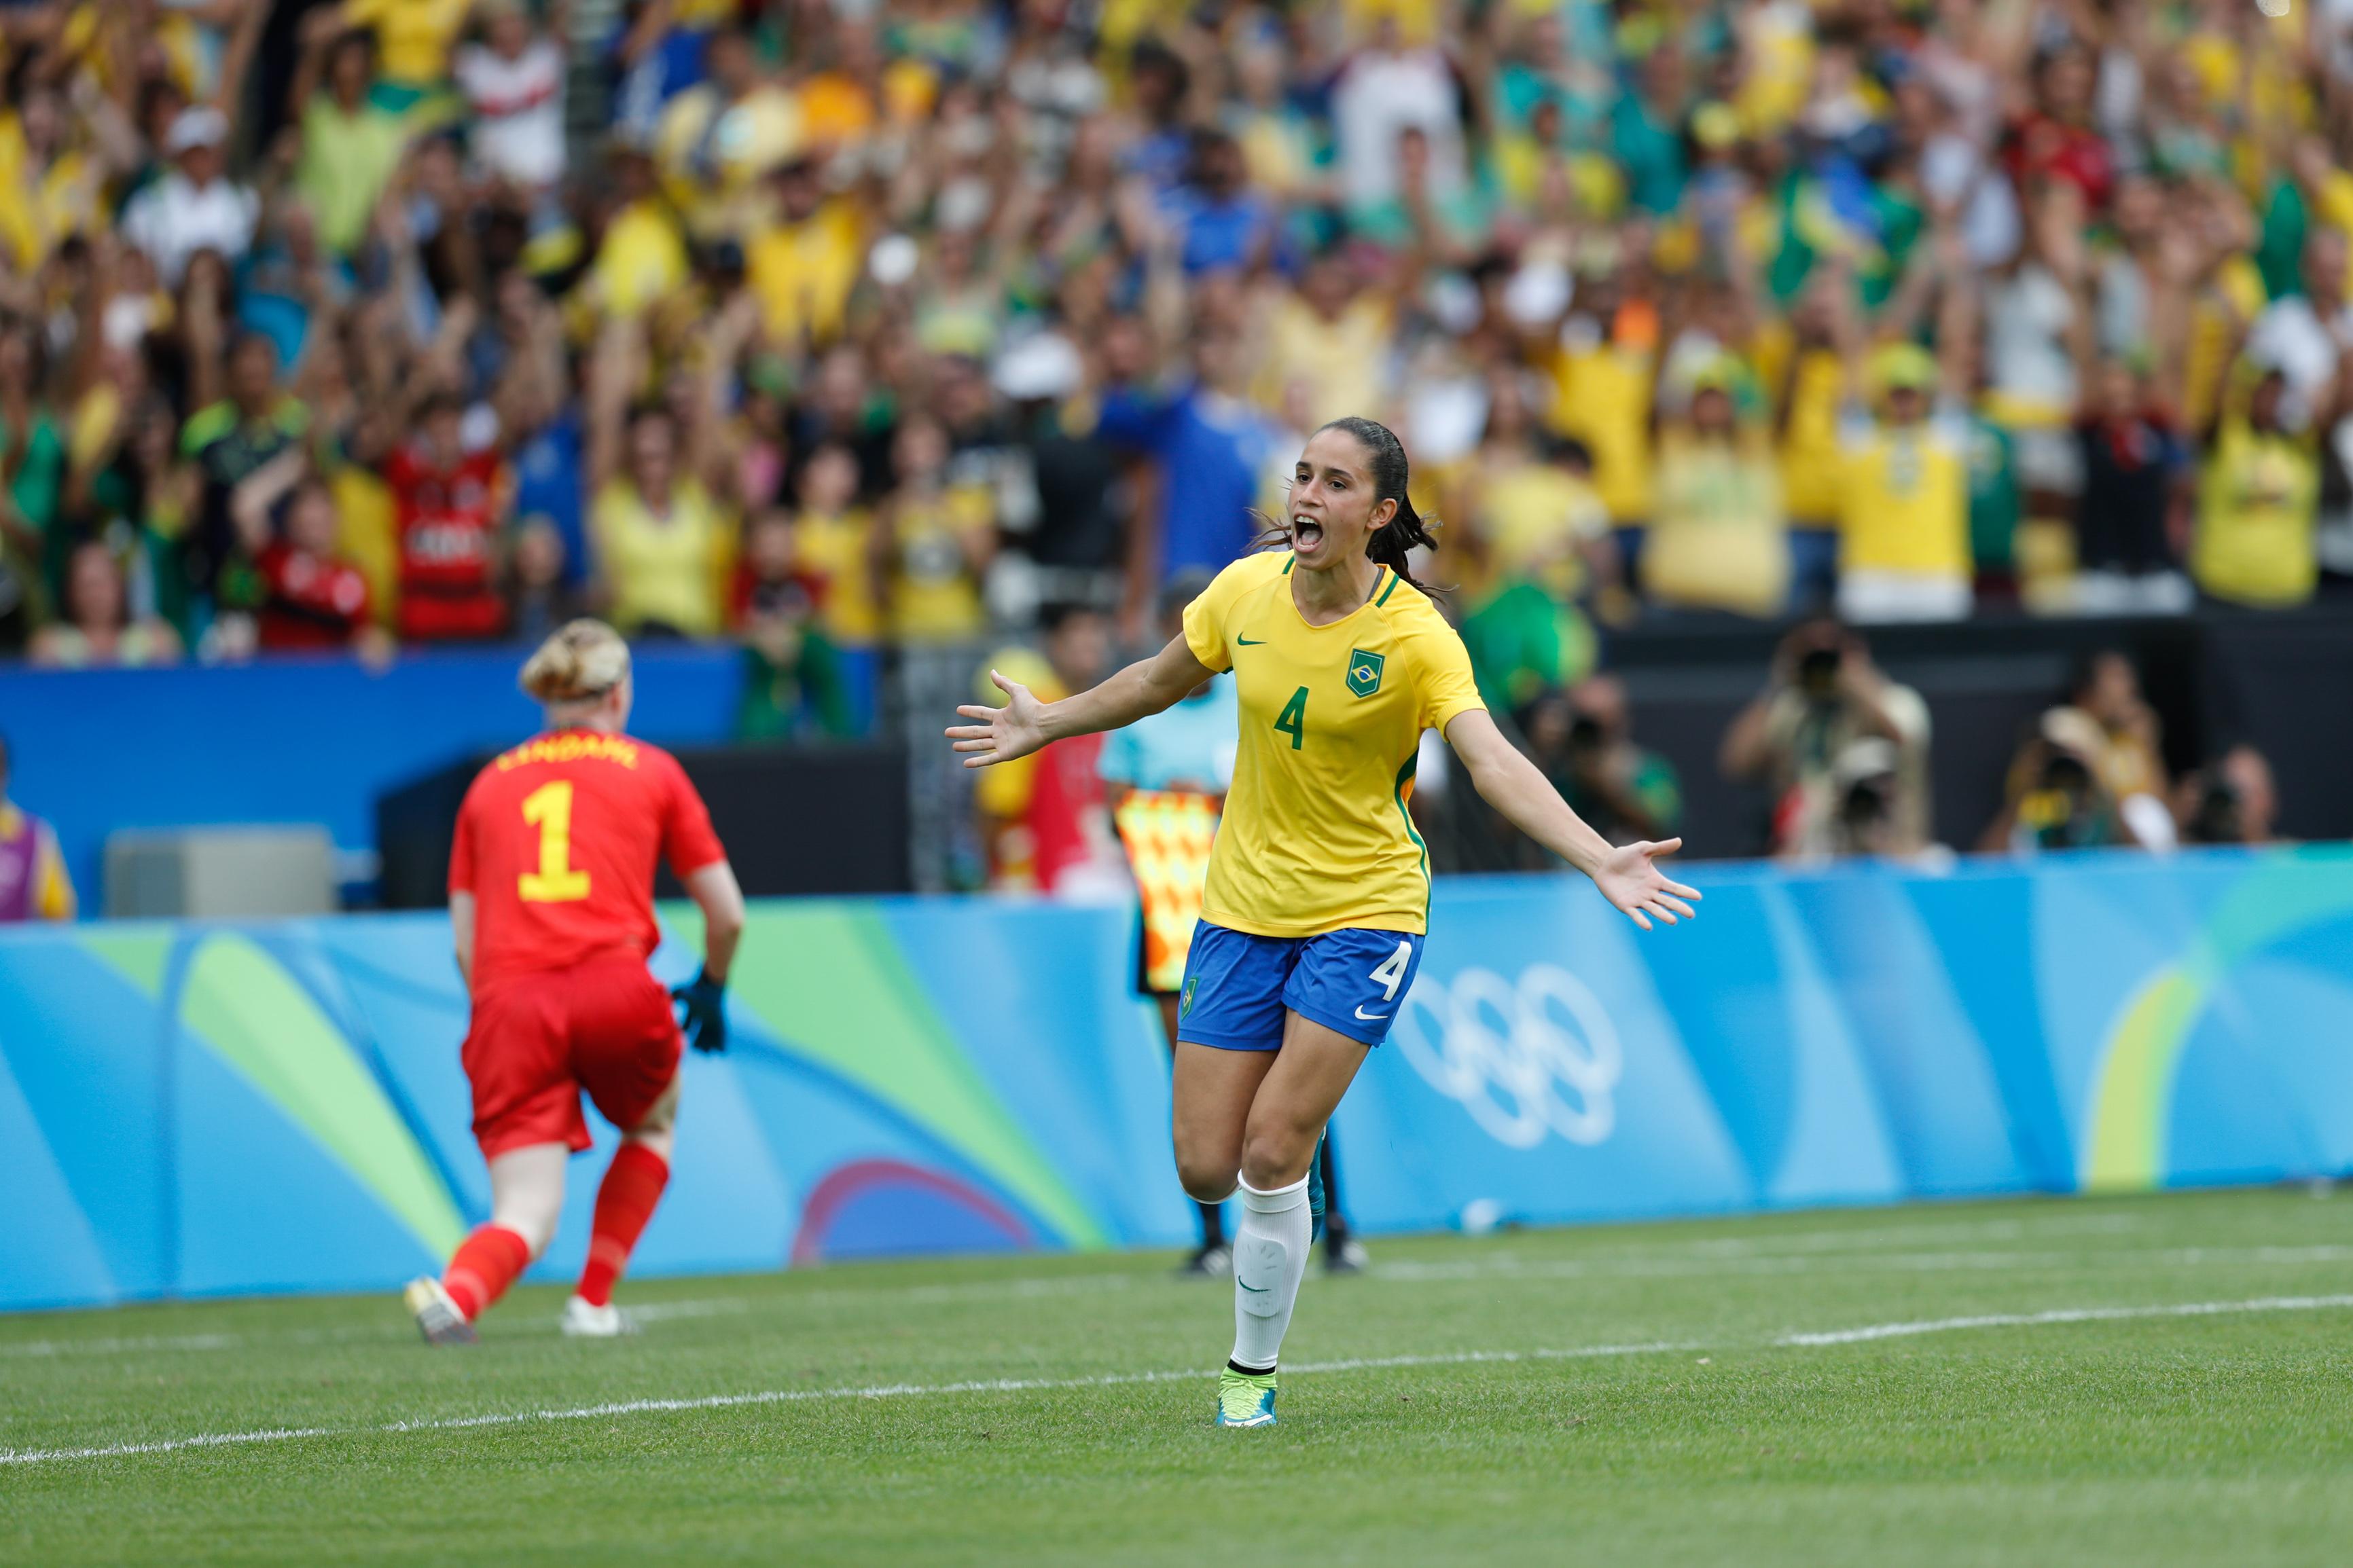 Ficheiro Futebol feminino olímpico- Brasil e Suécia no Maracanã  (28746915720).jpg 7d0fae30980e3